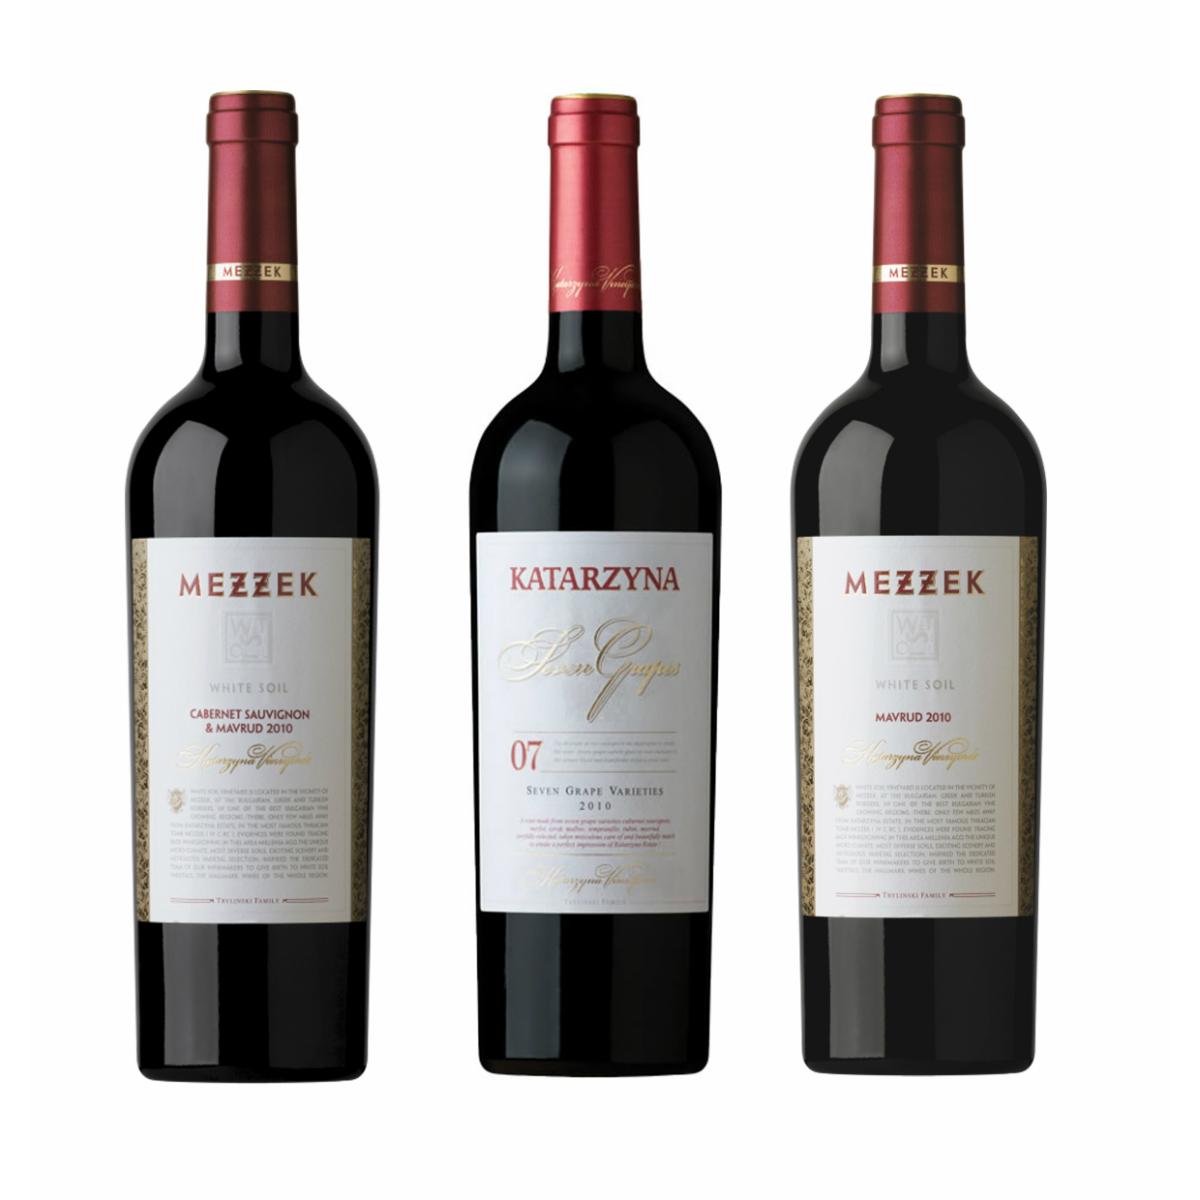 赤 ワインセット カタルジーナ ブルガリアトップワイナリー カタルジーナエステイト1番人気の古代品種マヴルッドを含んだ赤3本セット テレビで話題 ヨーロッパ ブルガリア産 欧州 3本組 送料無料 おすすめ ブルガリアワイン 固有品種赤セレクト 750ml 赤ワイン カベルネソーヴィニヨン セブングレイプス セット ワイン プレゼント メゼック マヴルッド 3本セット ヨーロッパワイン 贈り物 フルボディ 5%OFF